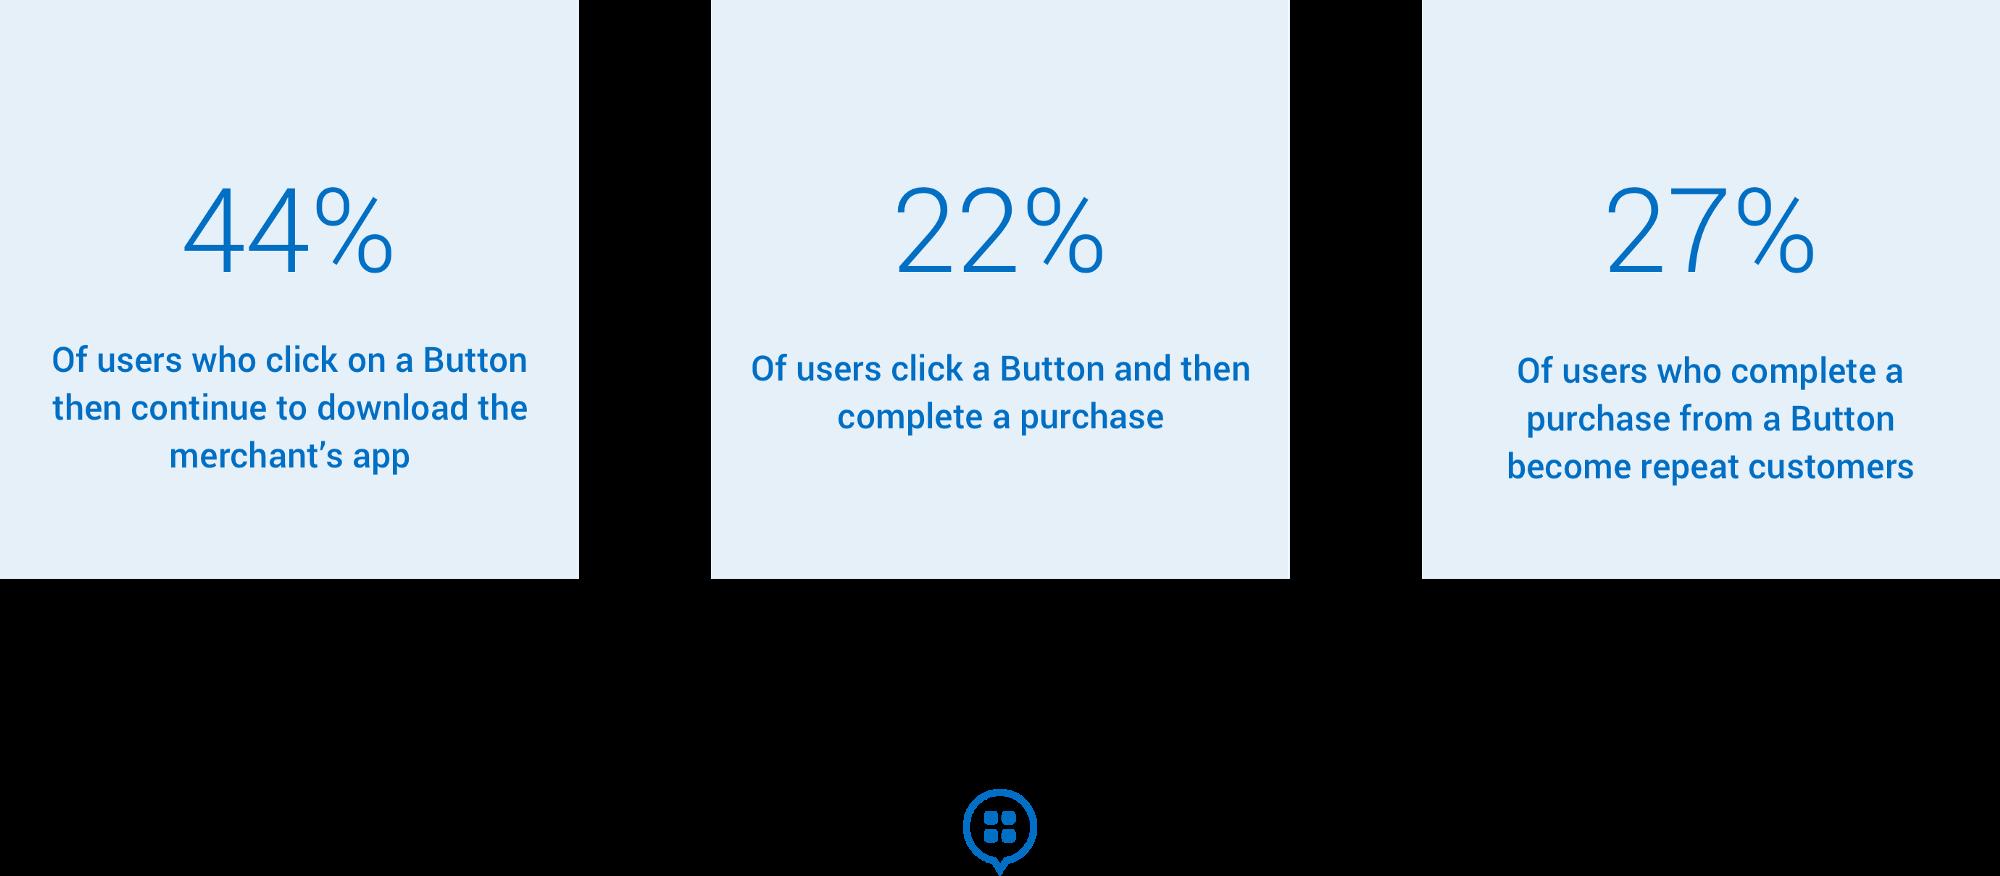 button-pub-statistics@2x